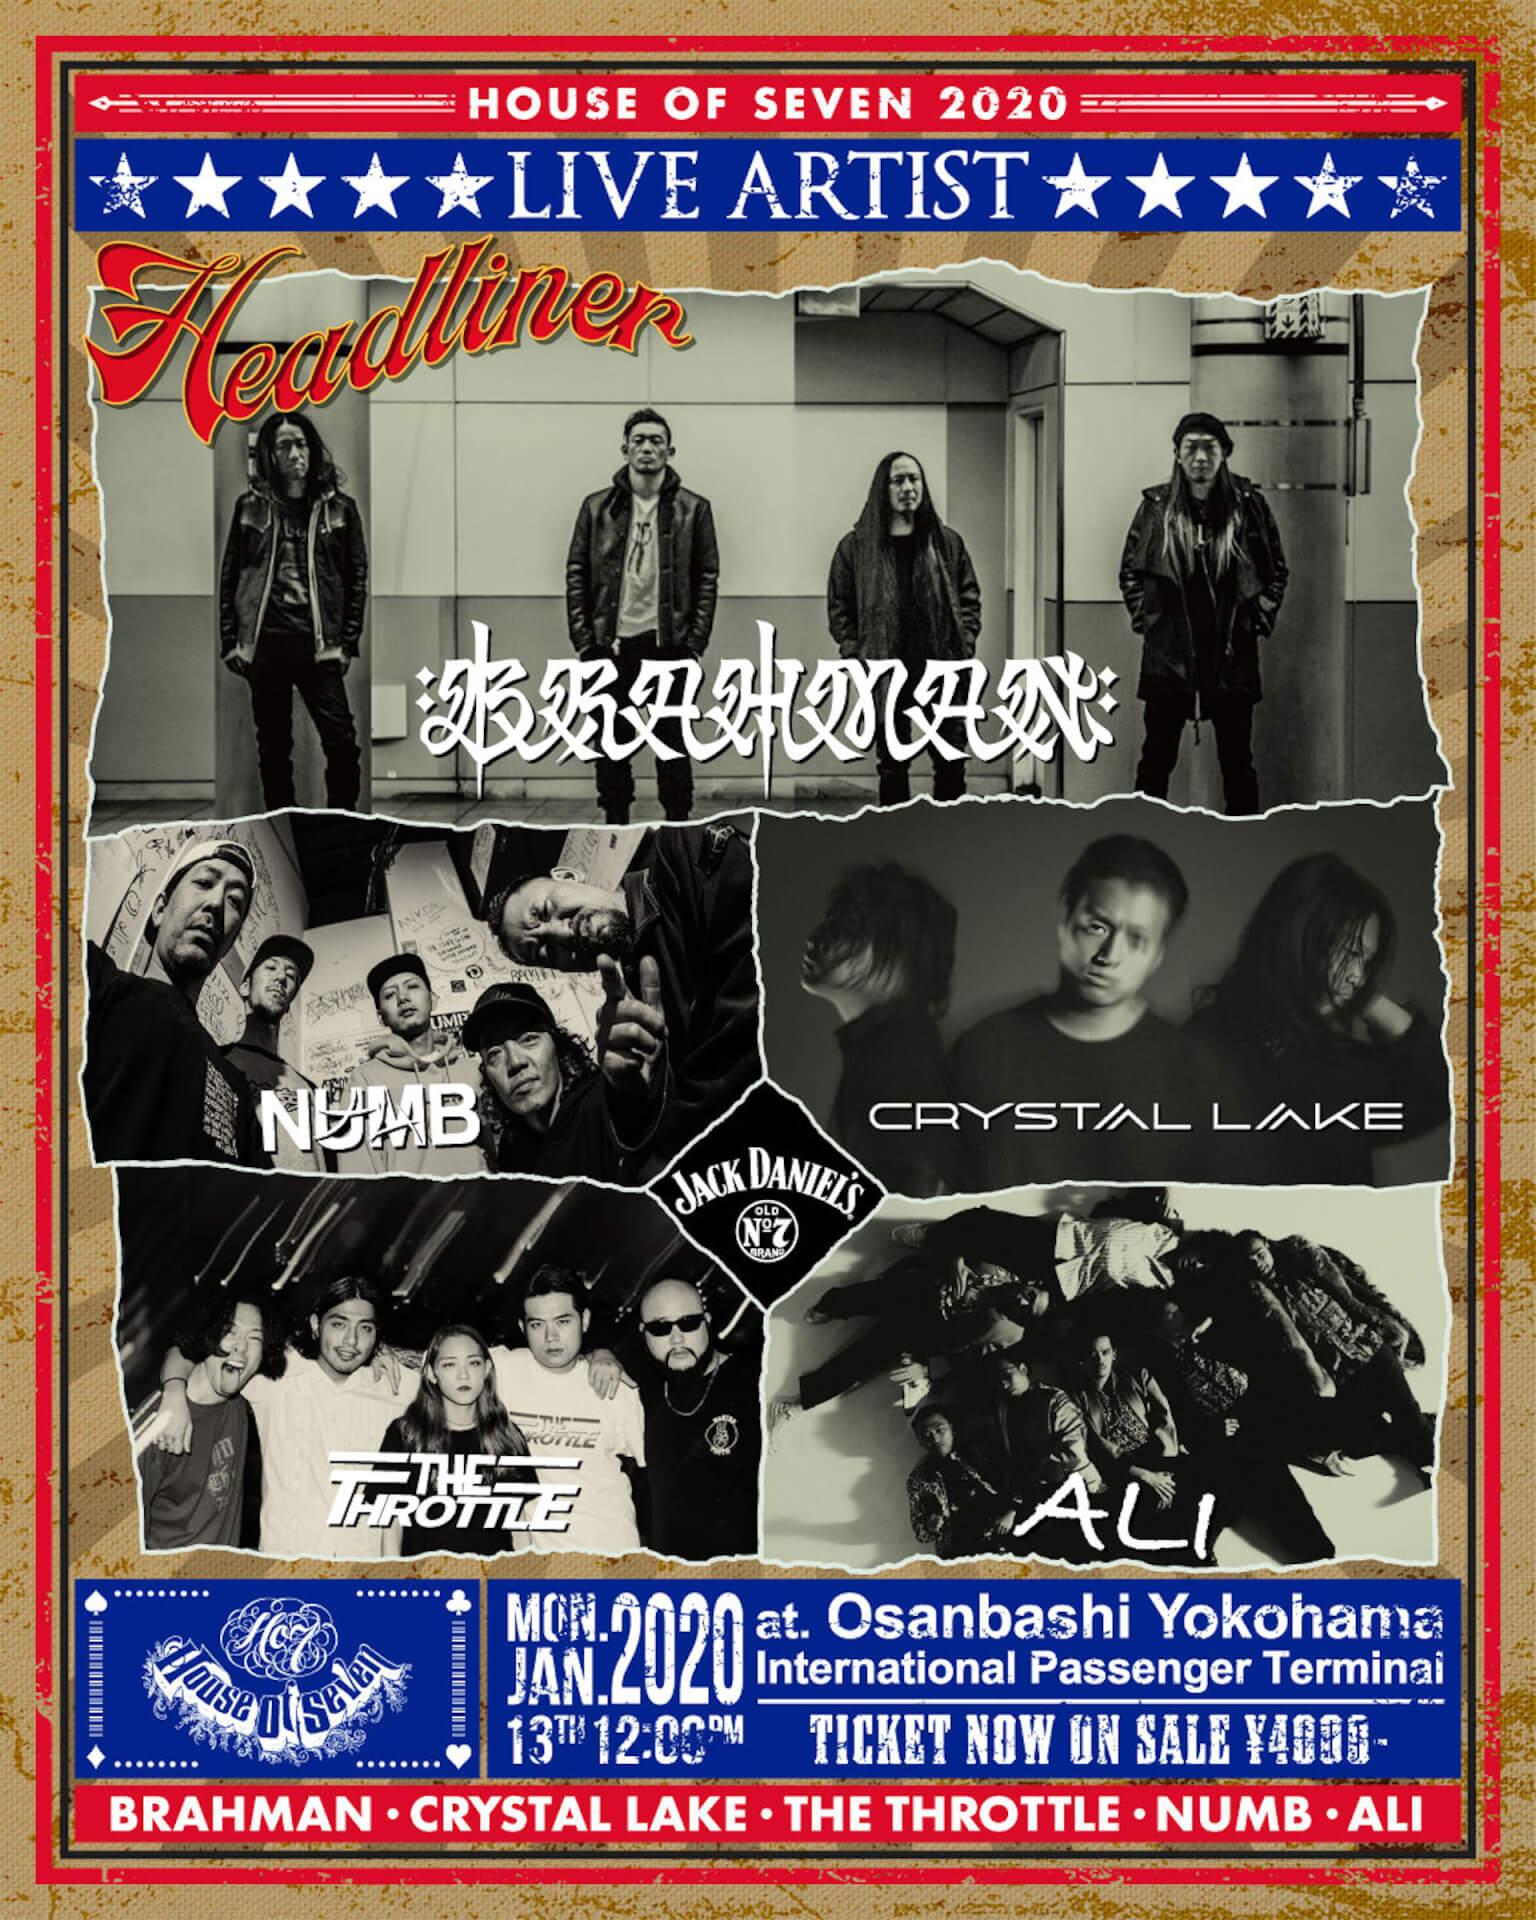 ミックスカルチャーイベント、<HOUSE OF SEVEN>が横浜大桟橋ホールにて二度目の開催!BRAHMAN、THE THROTTLE、ALIらが登場 sub2